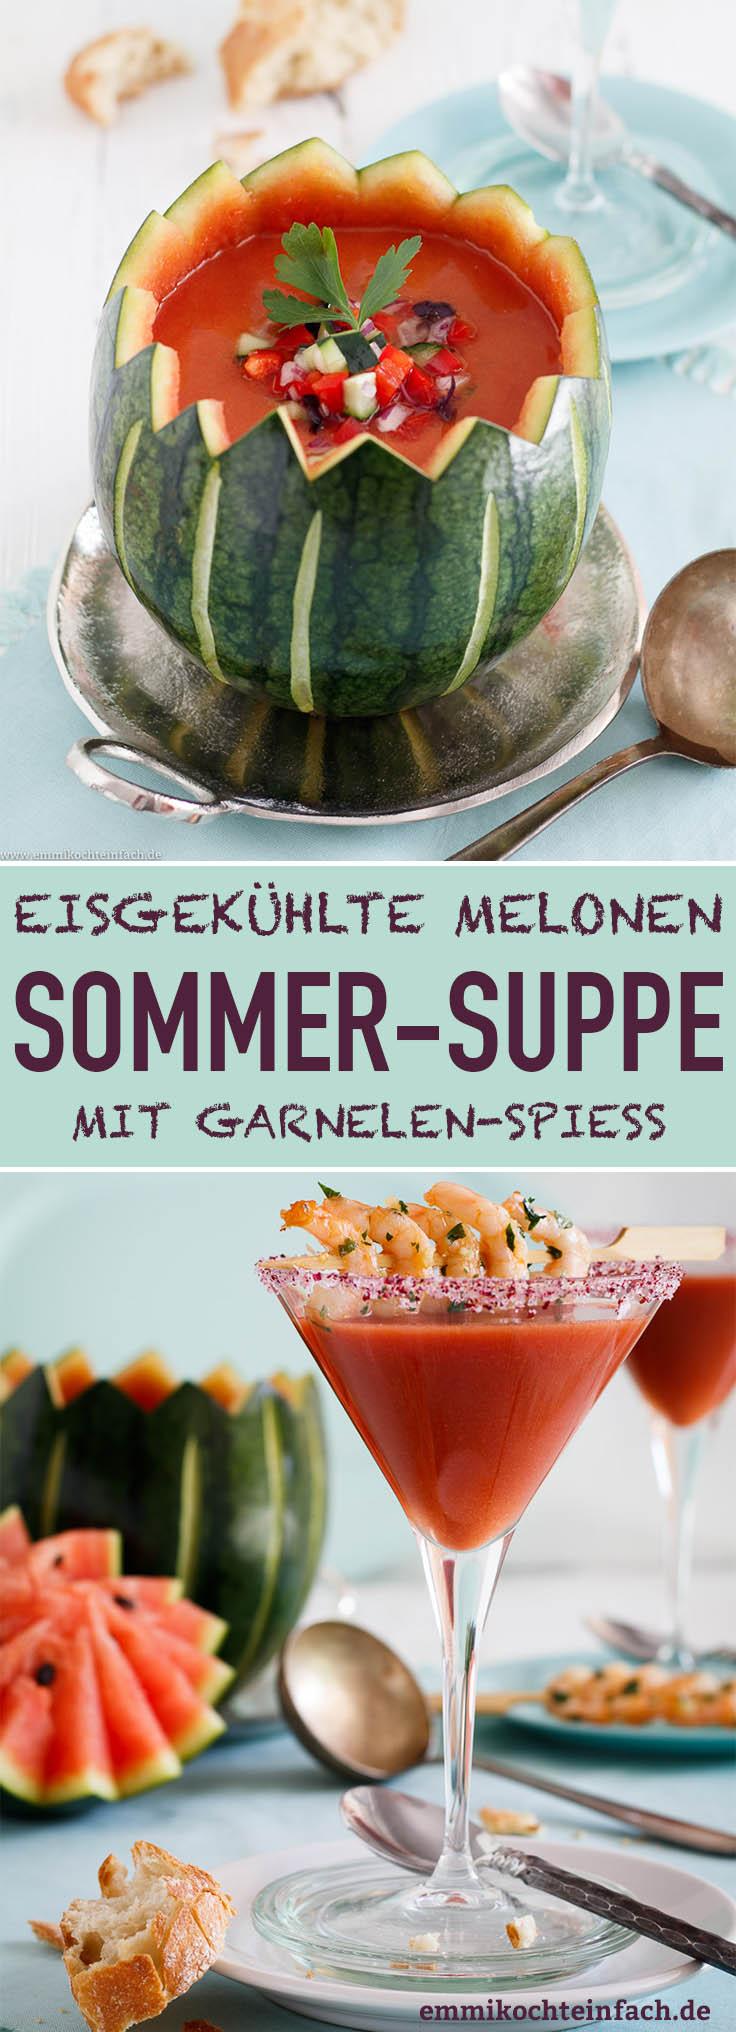 Eisgekühlte Sommersuppe mit Garnelenspiess - www.emmikochteinfach.de